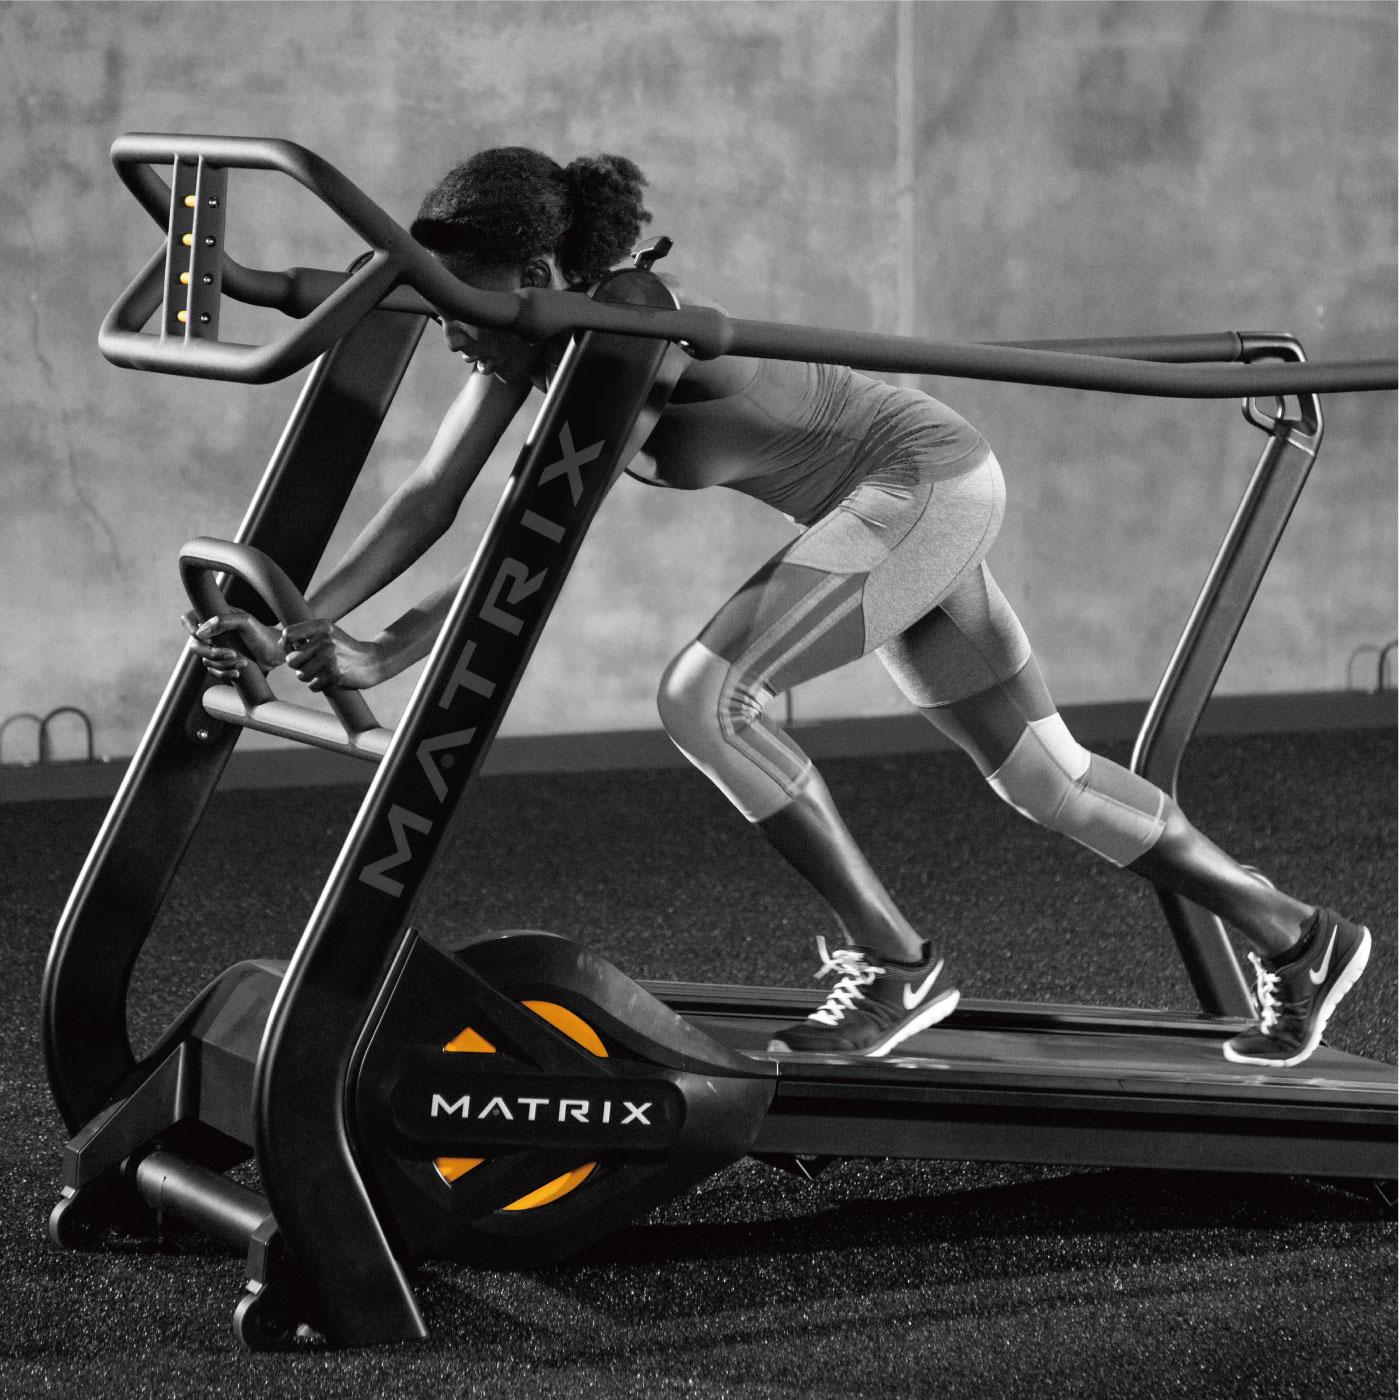 S-Drive Performance Trainer(S-ドライブ・パフォーマンス・トレーナー)/自走式ランニングマシン〈業務用MATRIX〉《ジョンソンヘルステック》